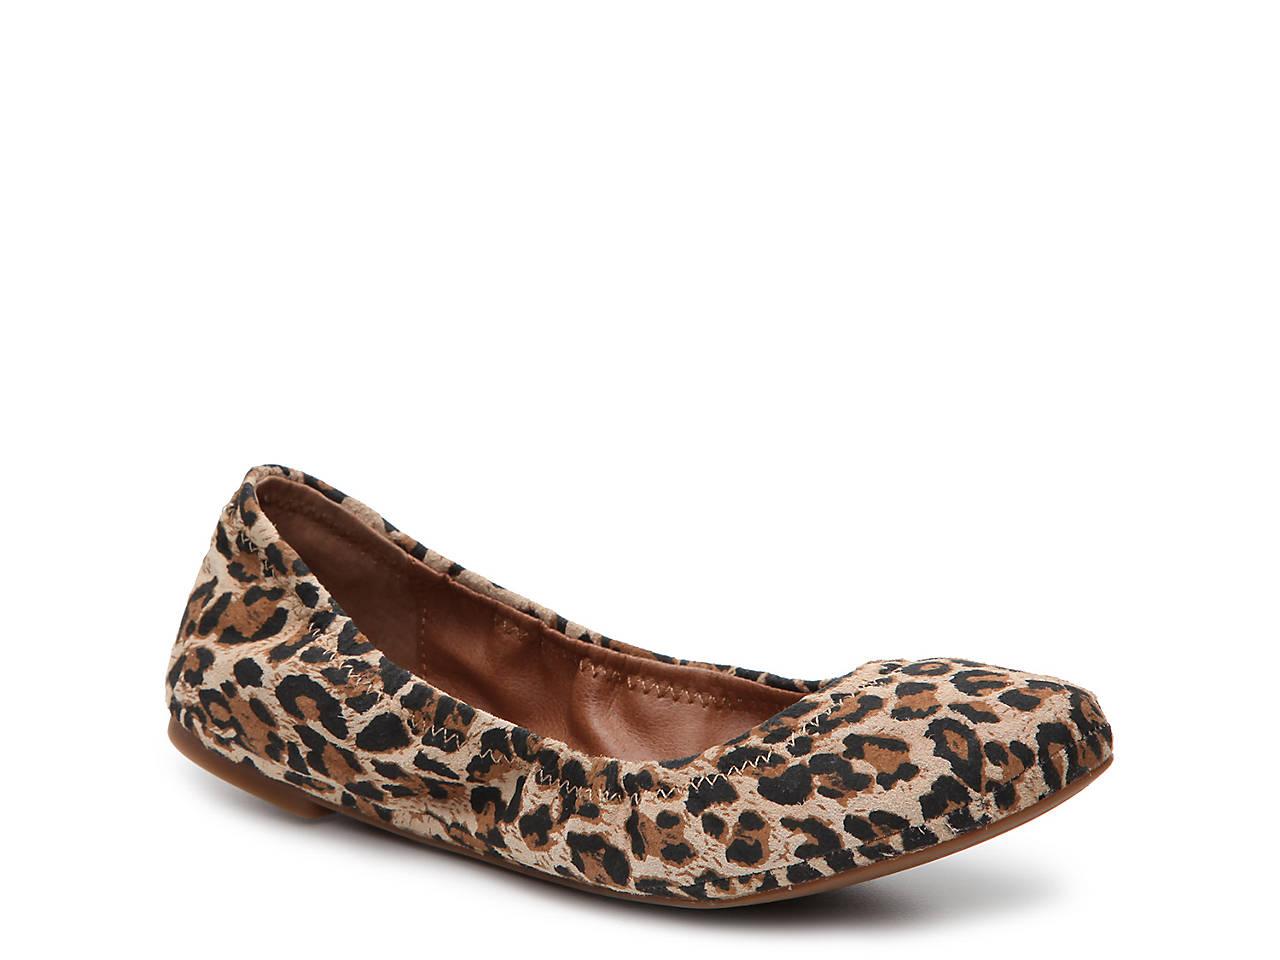 1b4479c59679 Lucky Brand Emmie Ballet Flat Women s Shoes